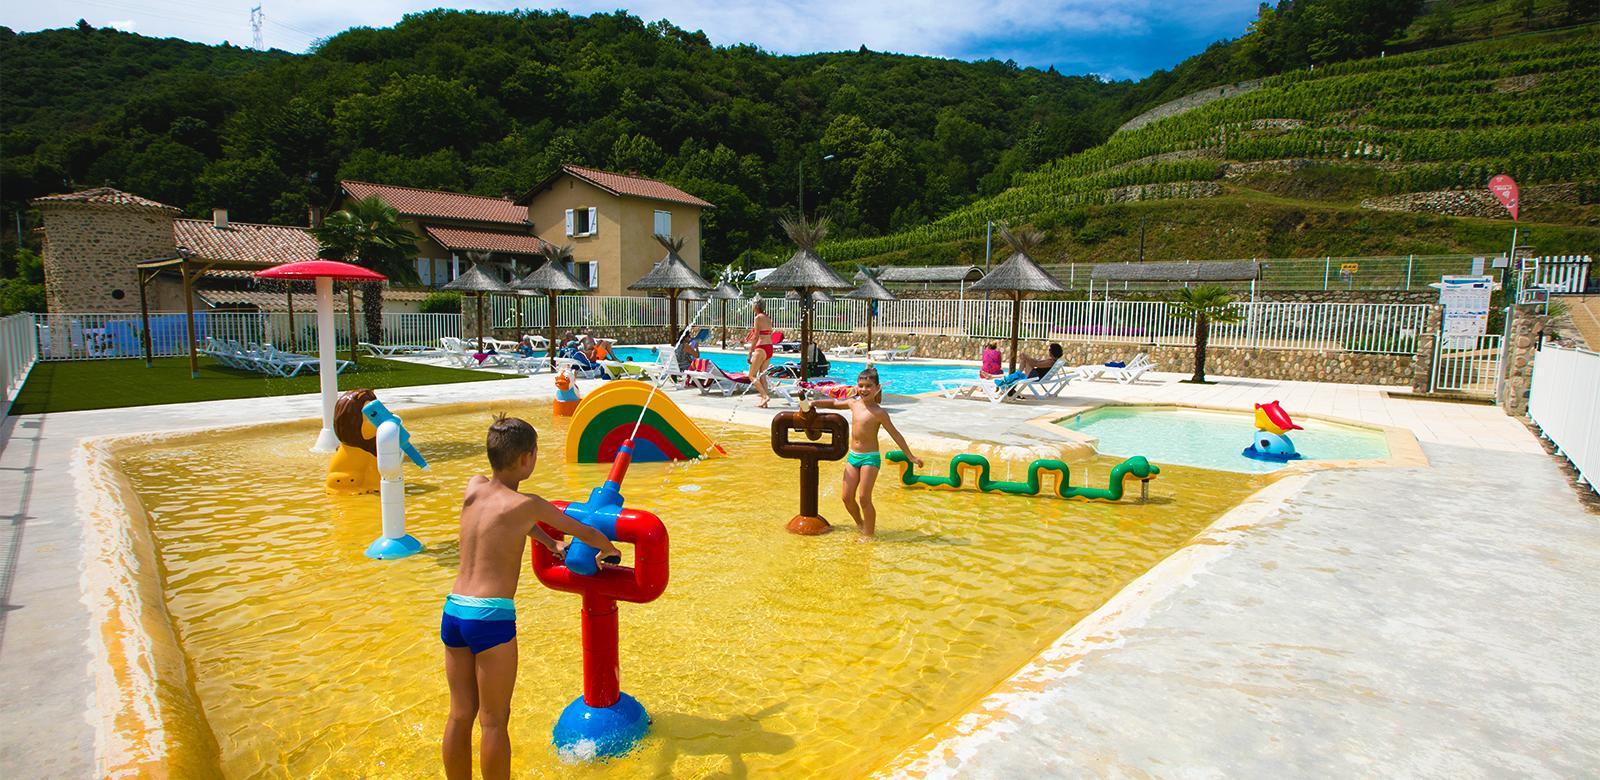 Camping Le Castelet - Camping Ardèche - Camping 4 Étoiles ... destiné Camping Ardèche Avec Piscine